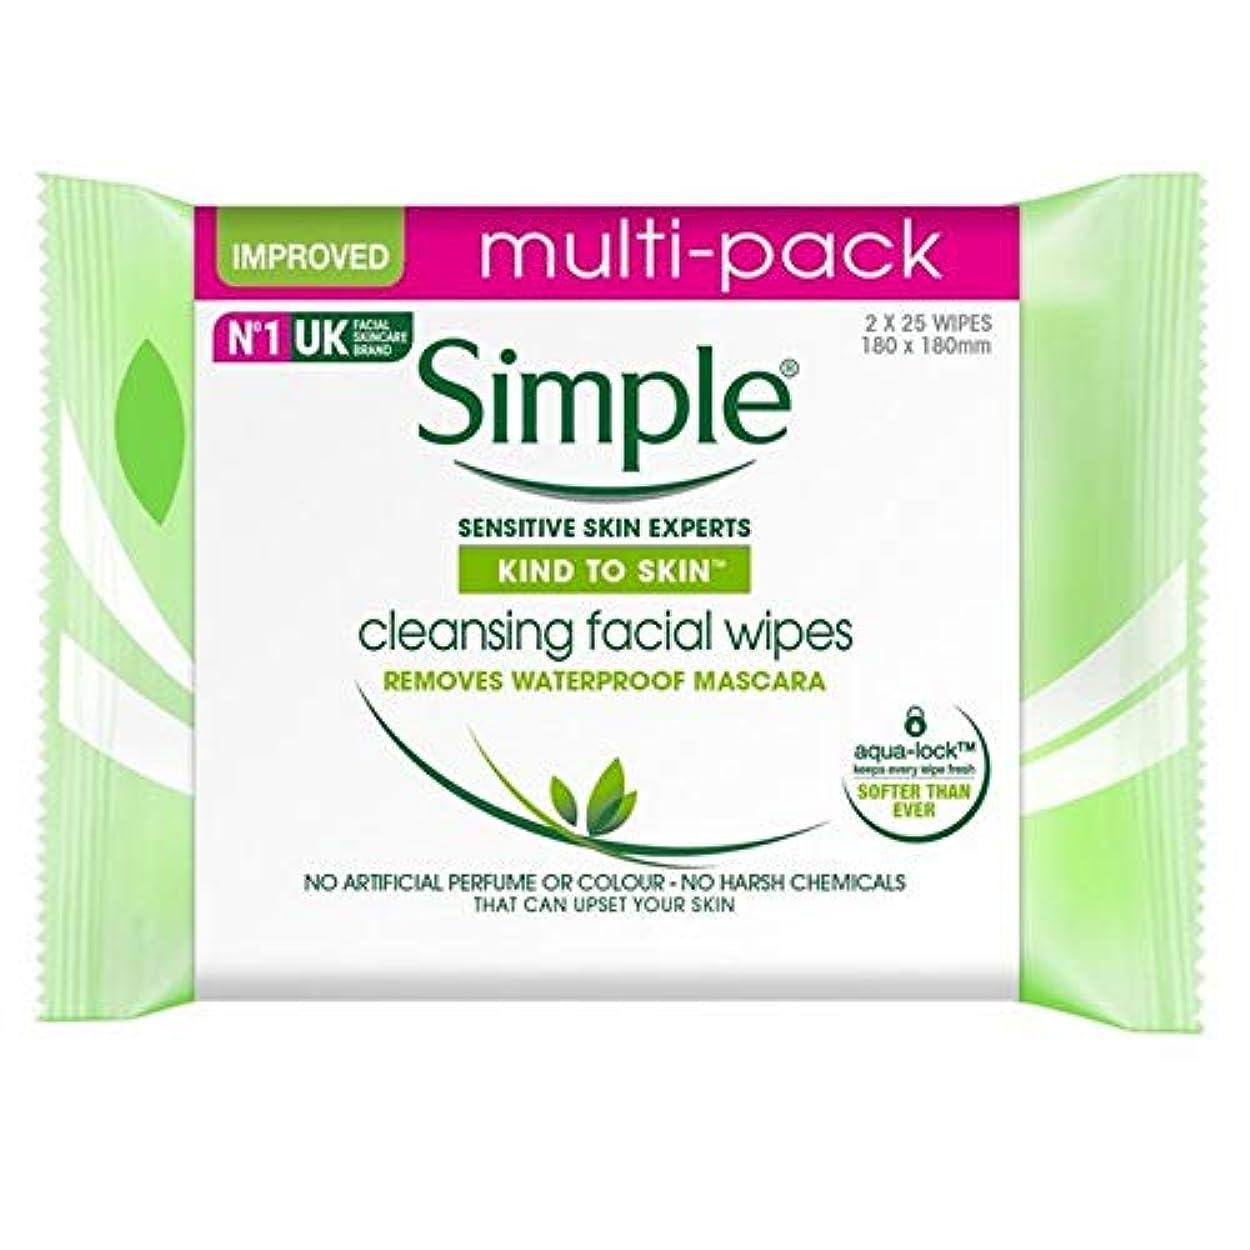 [Simple ] 肌のクレンジングフェイシャルワイプ2×25パックあたりに簡単な種類 - Simple Kind To Skin Cleansing Facial Wipes 2 x 25 per pack [並行輸入品]